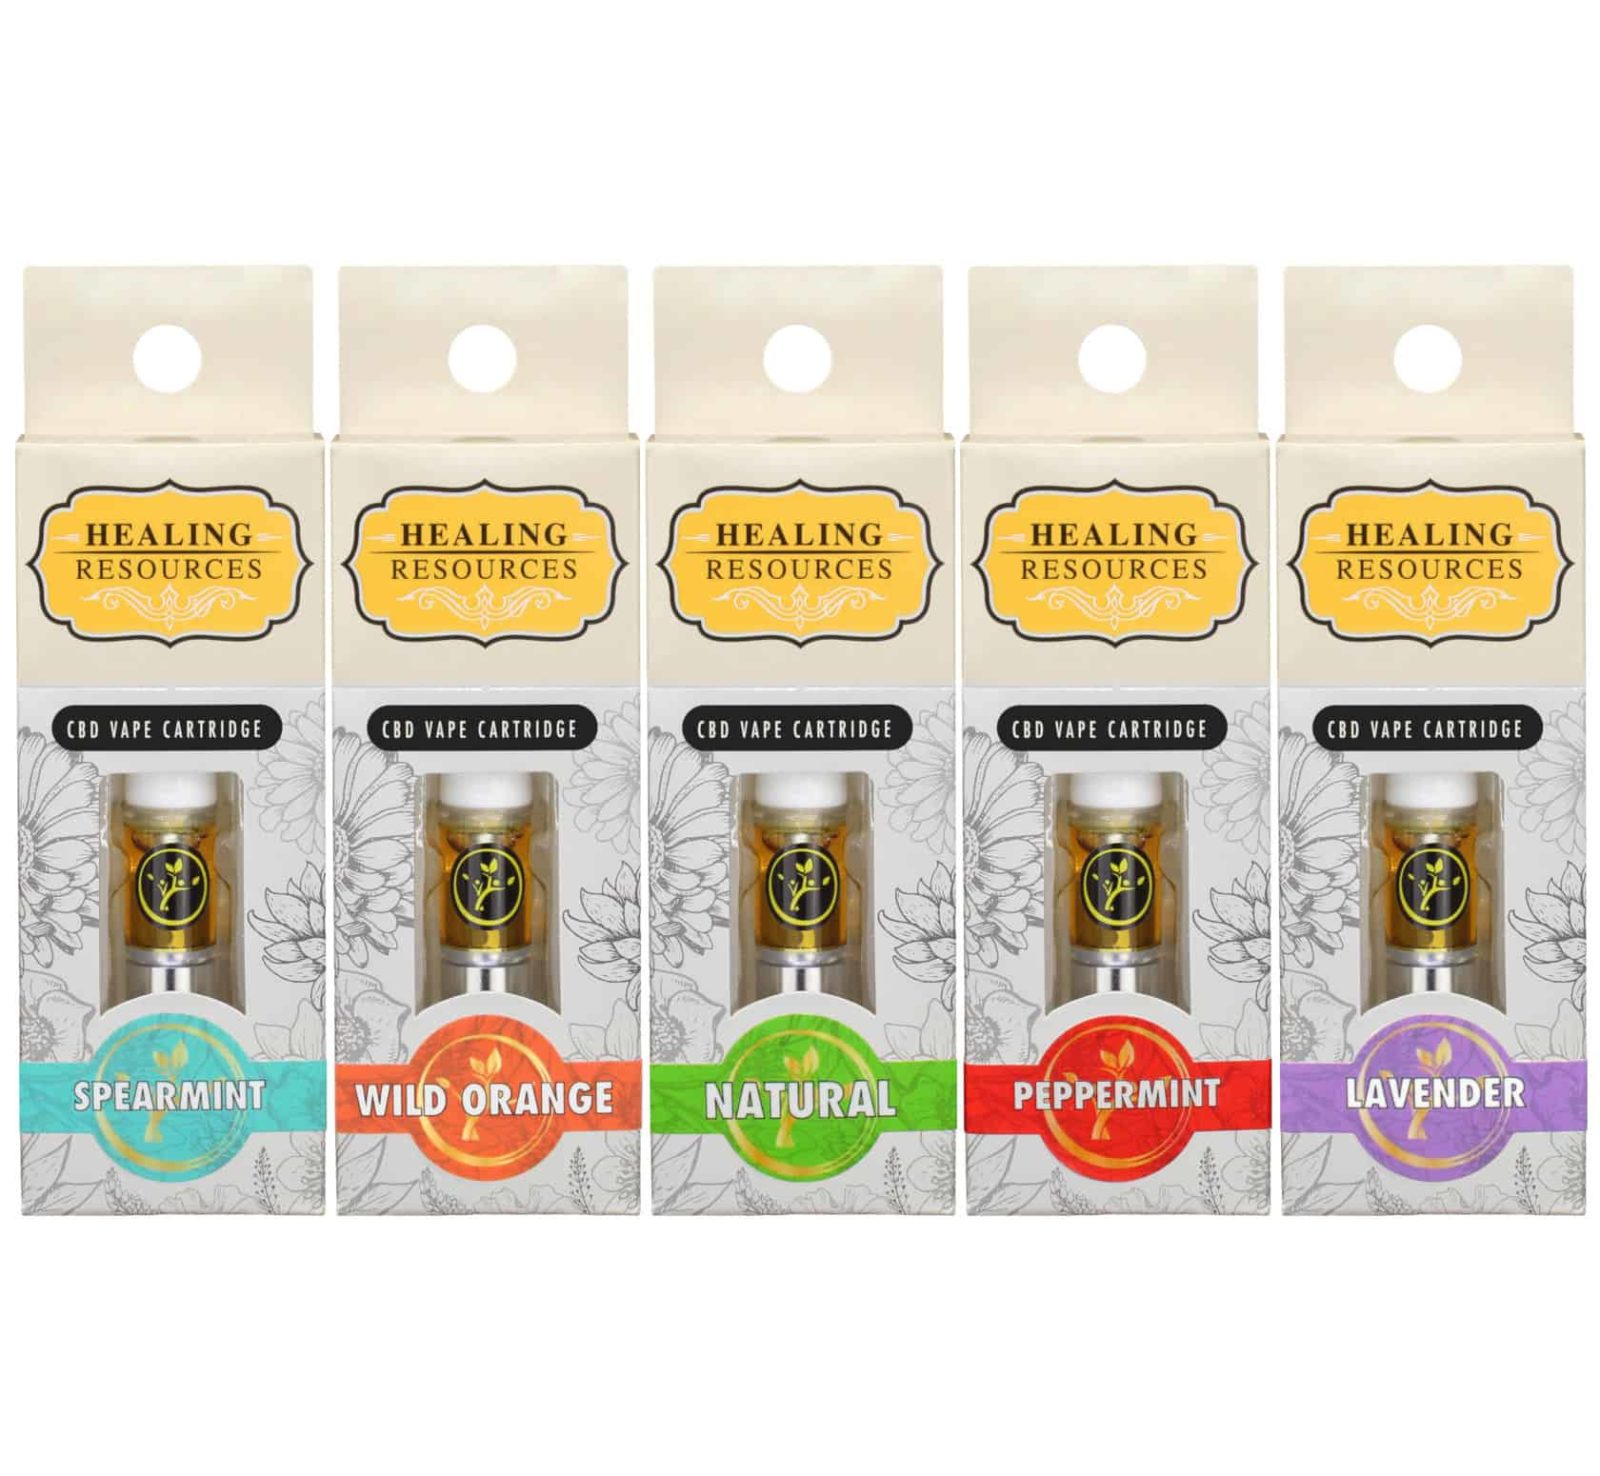 Pure CBD Vape Varieties